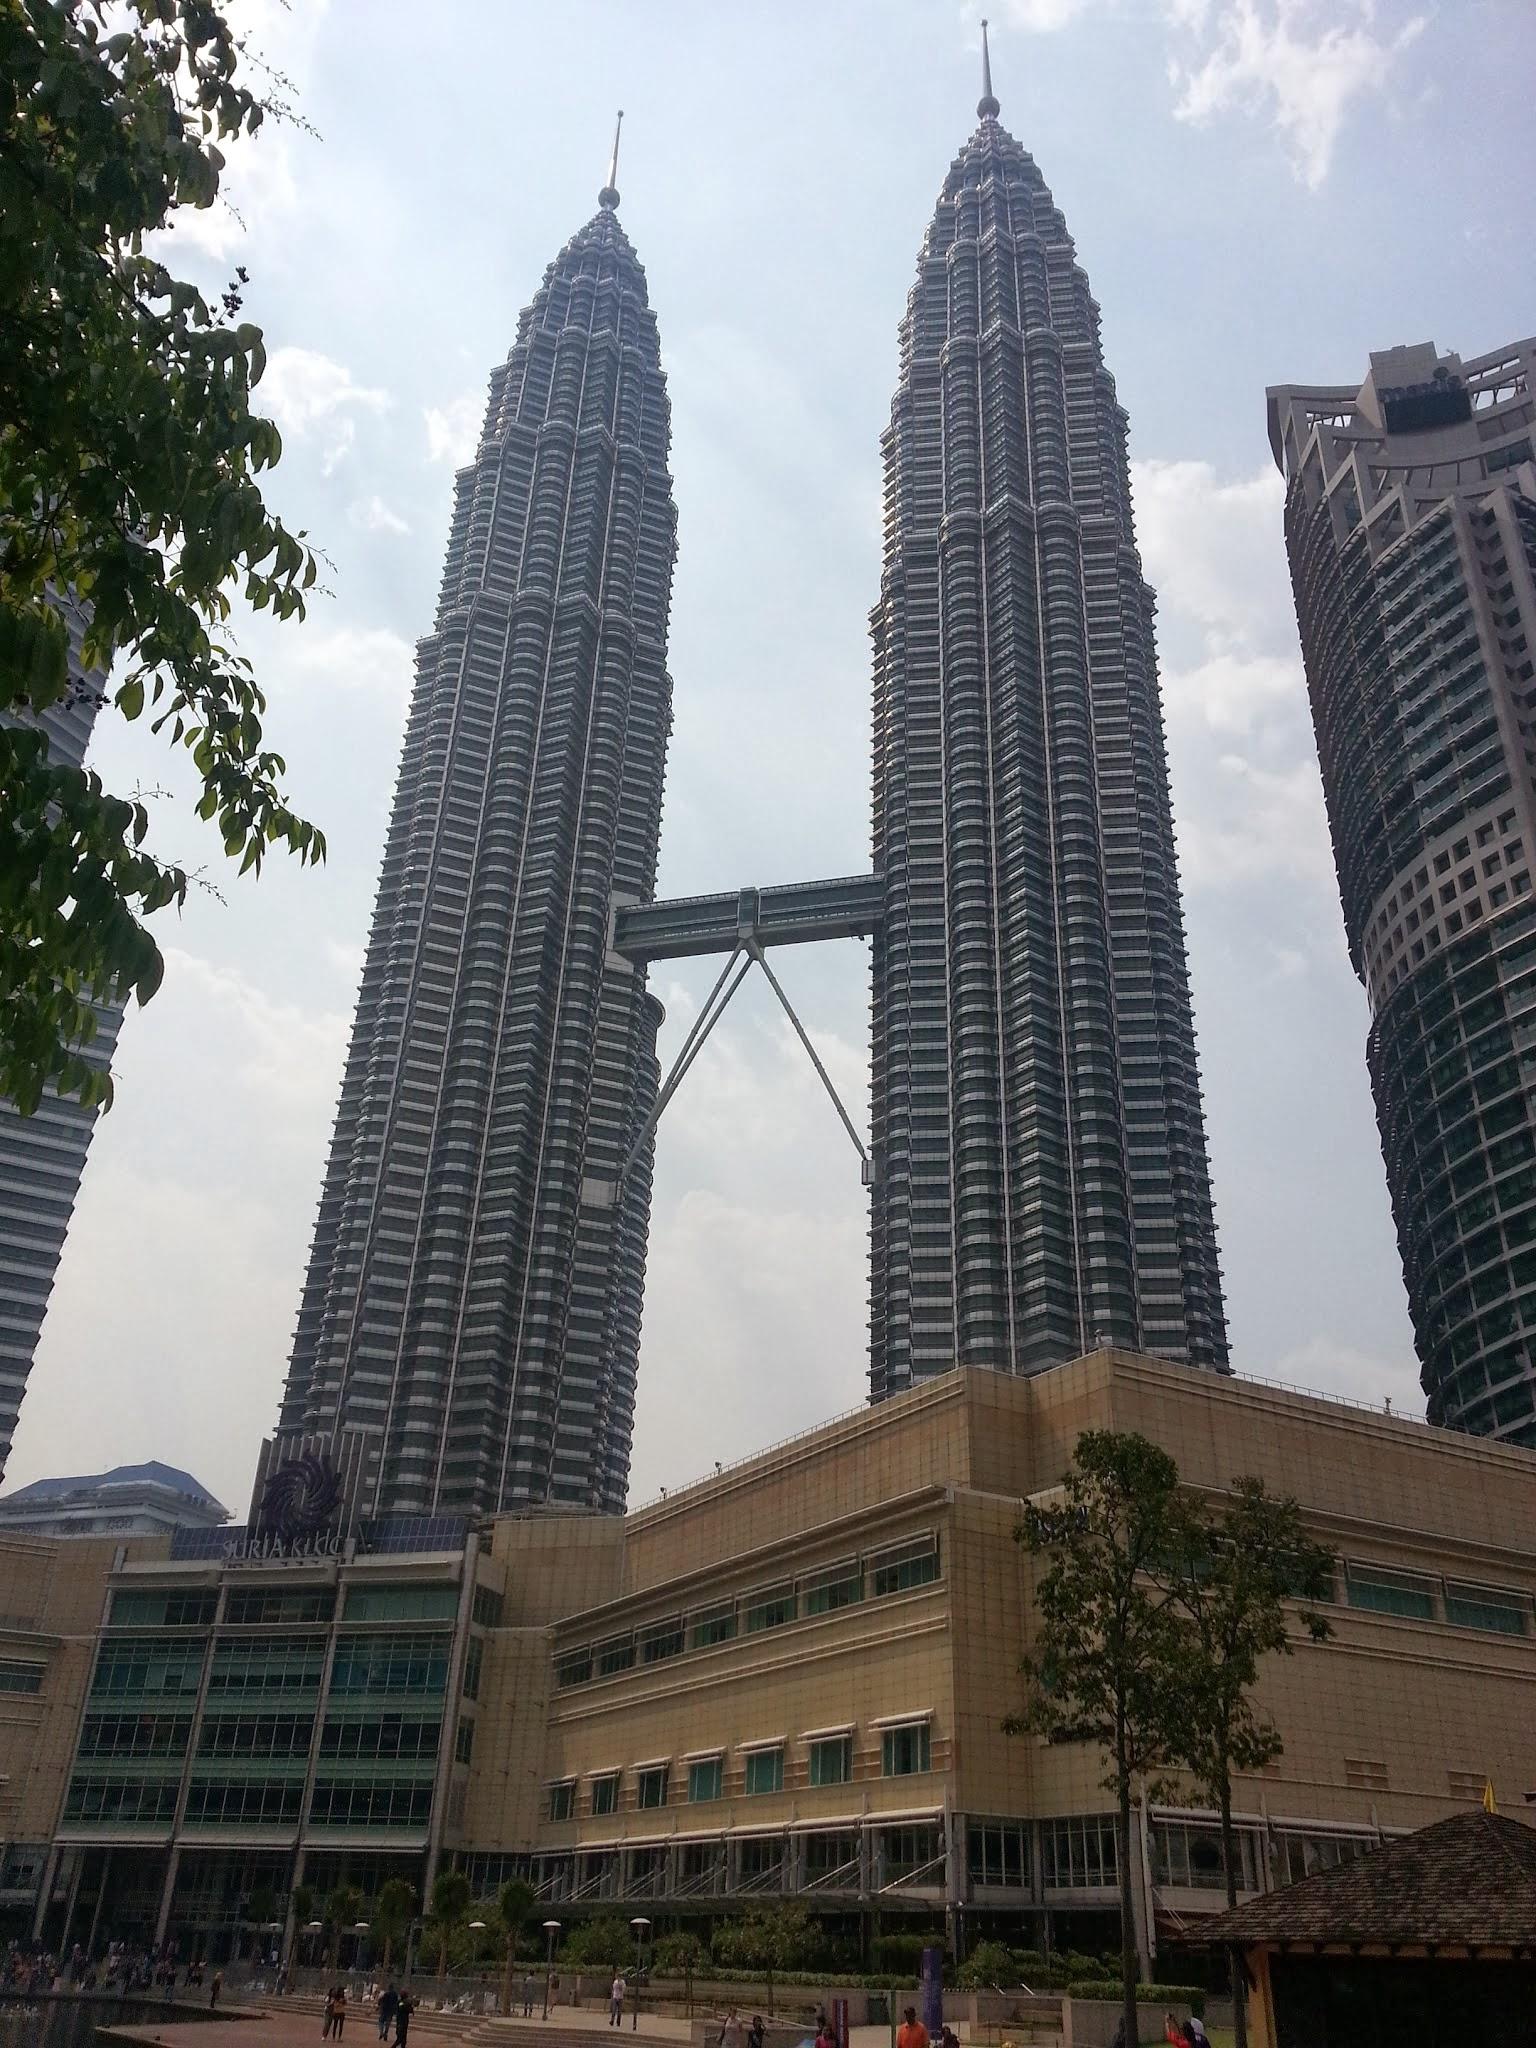 Welcome to Kuala Lumpur, Malaysia!